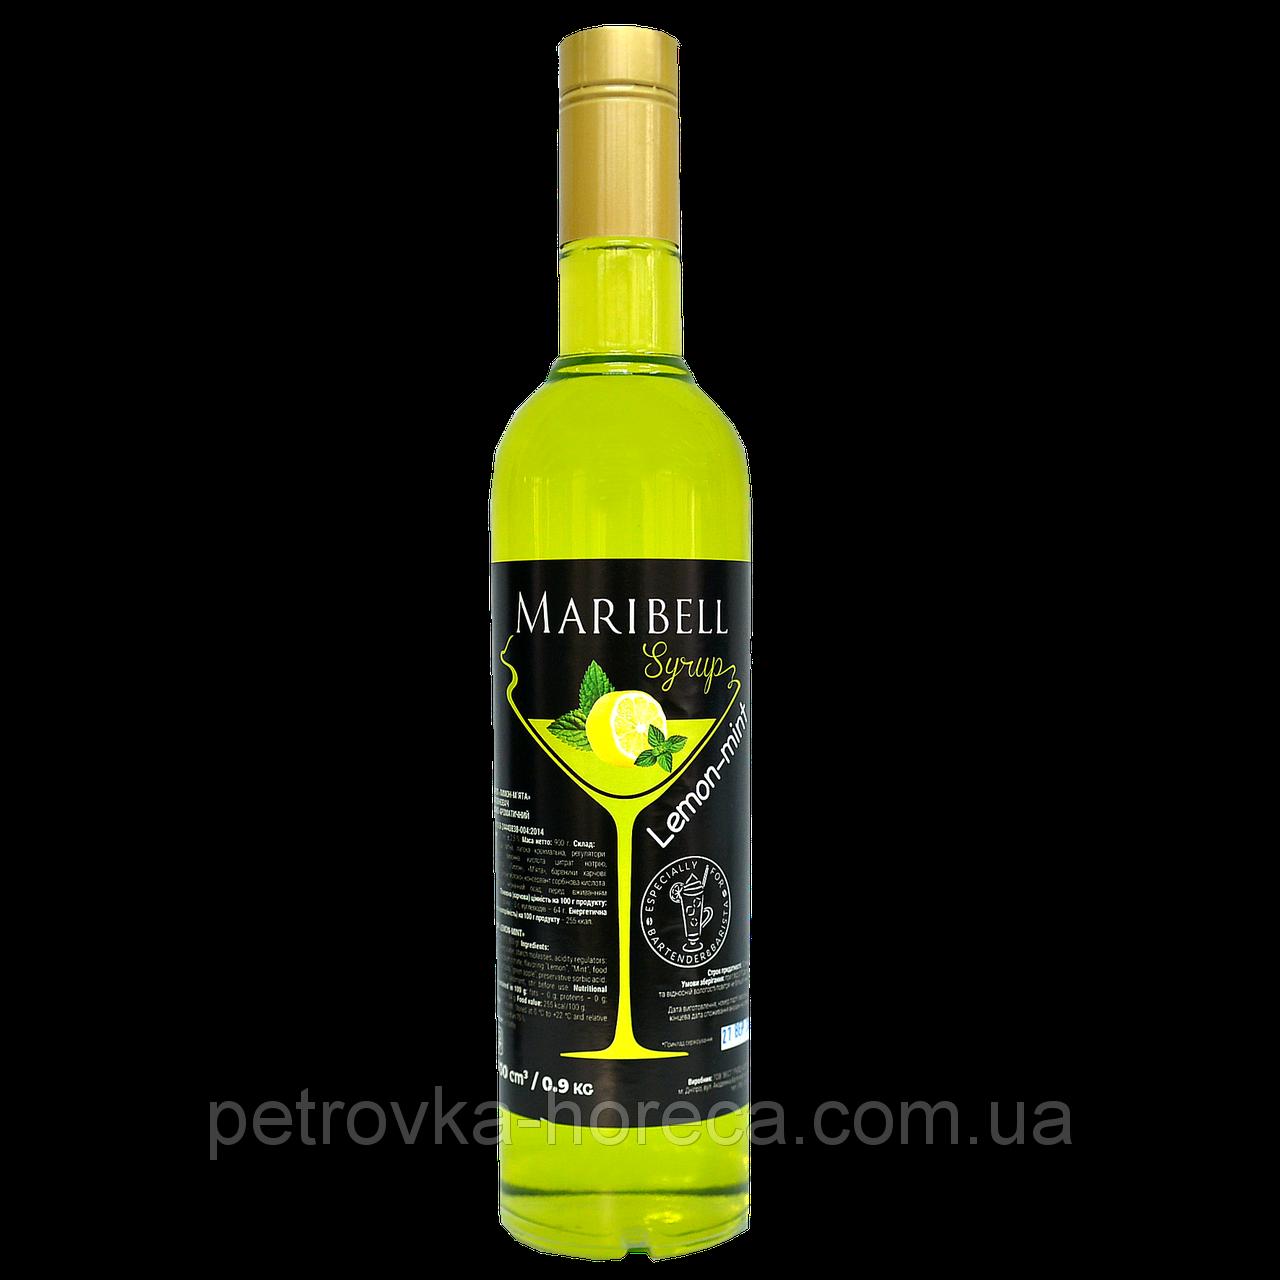 """Сироп коктейльный Maribell """"Лимон-Мята"""" 700мл"""